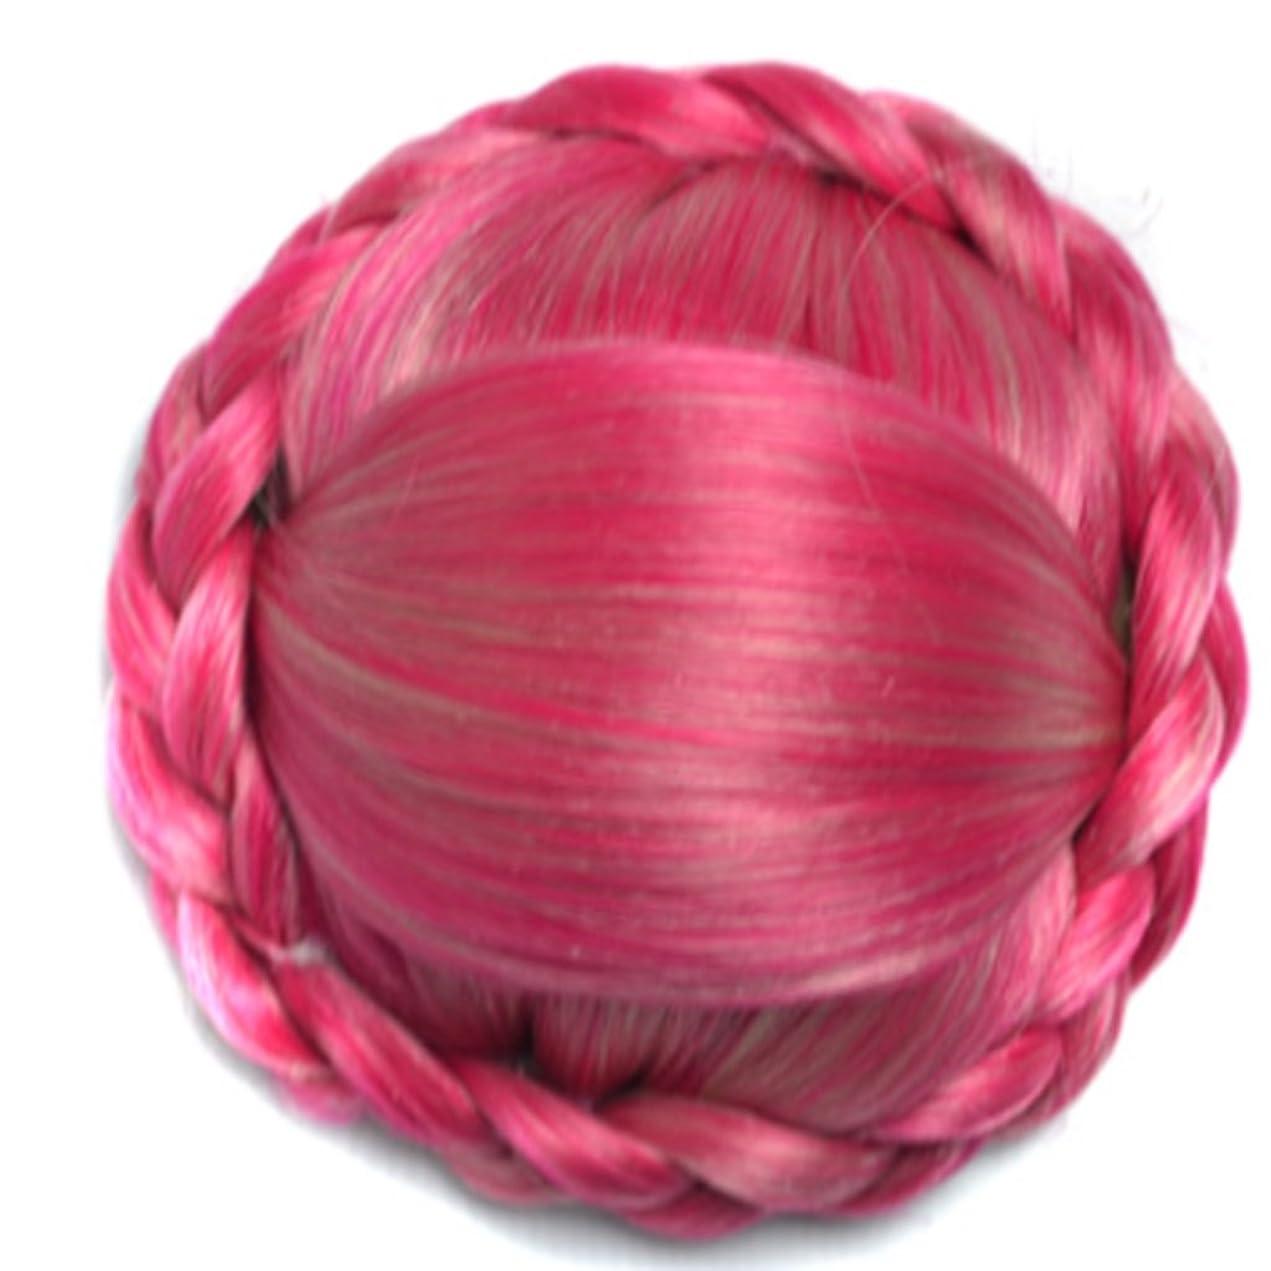 個人的な受粉する別にKoloeplf 化学繊維で作られた合成のかつら、ヴィンテージの編組で包まれた拡張赤毛は軽いことができます (Color : レッド)